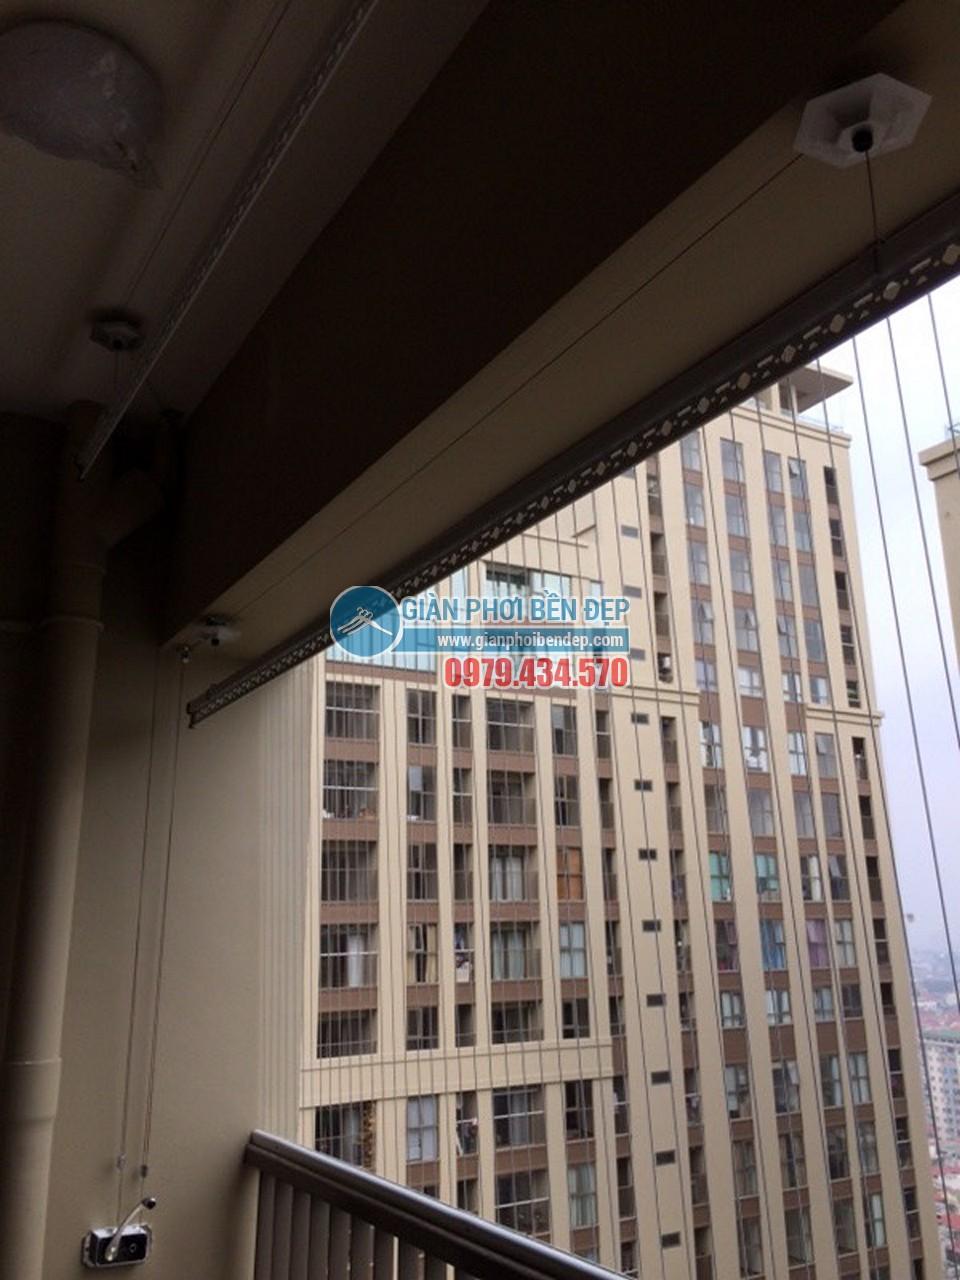 Hoàn thiện lắp đặt giàn phơi thông minh tại ban công nhà chị Mai, Home City - 04